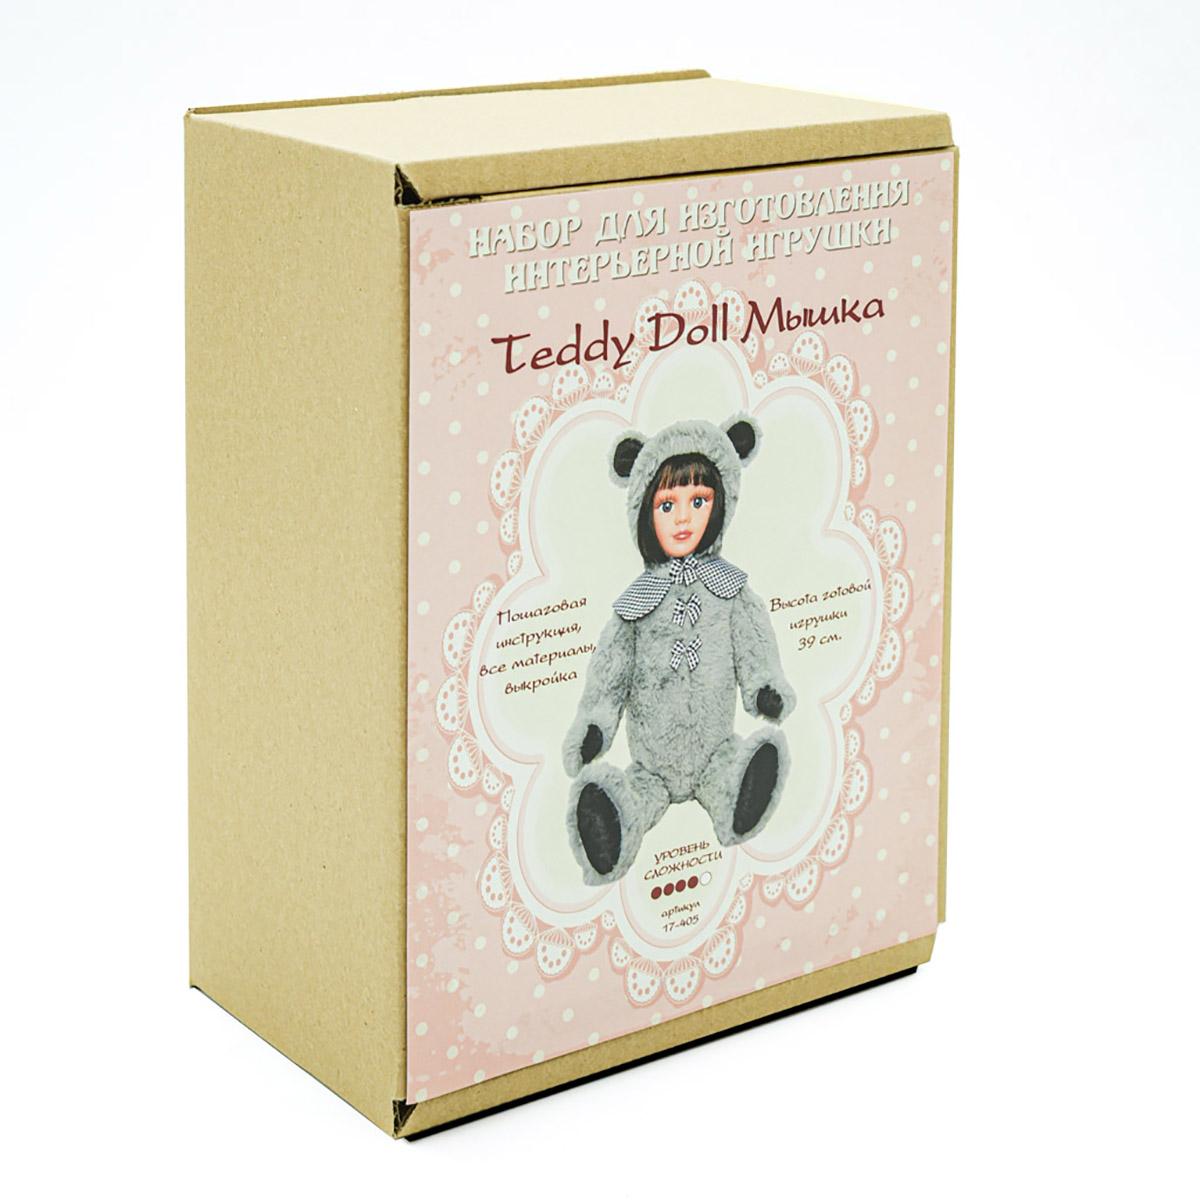 17-405 Набор для изготовления интерьерной игрушки 'Мышка' 39 см